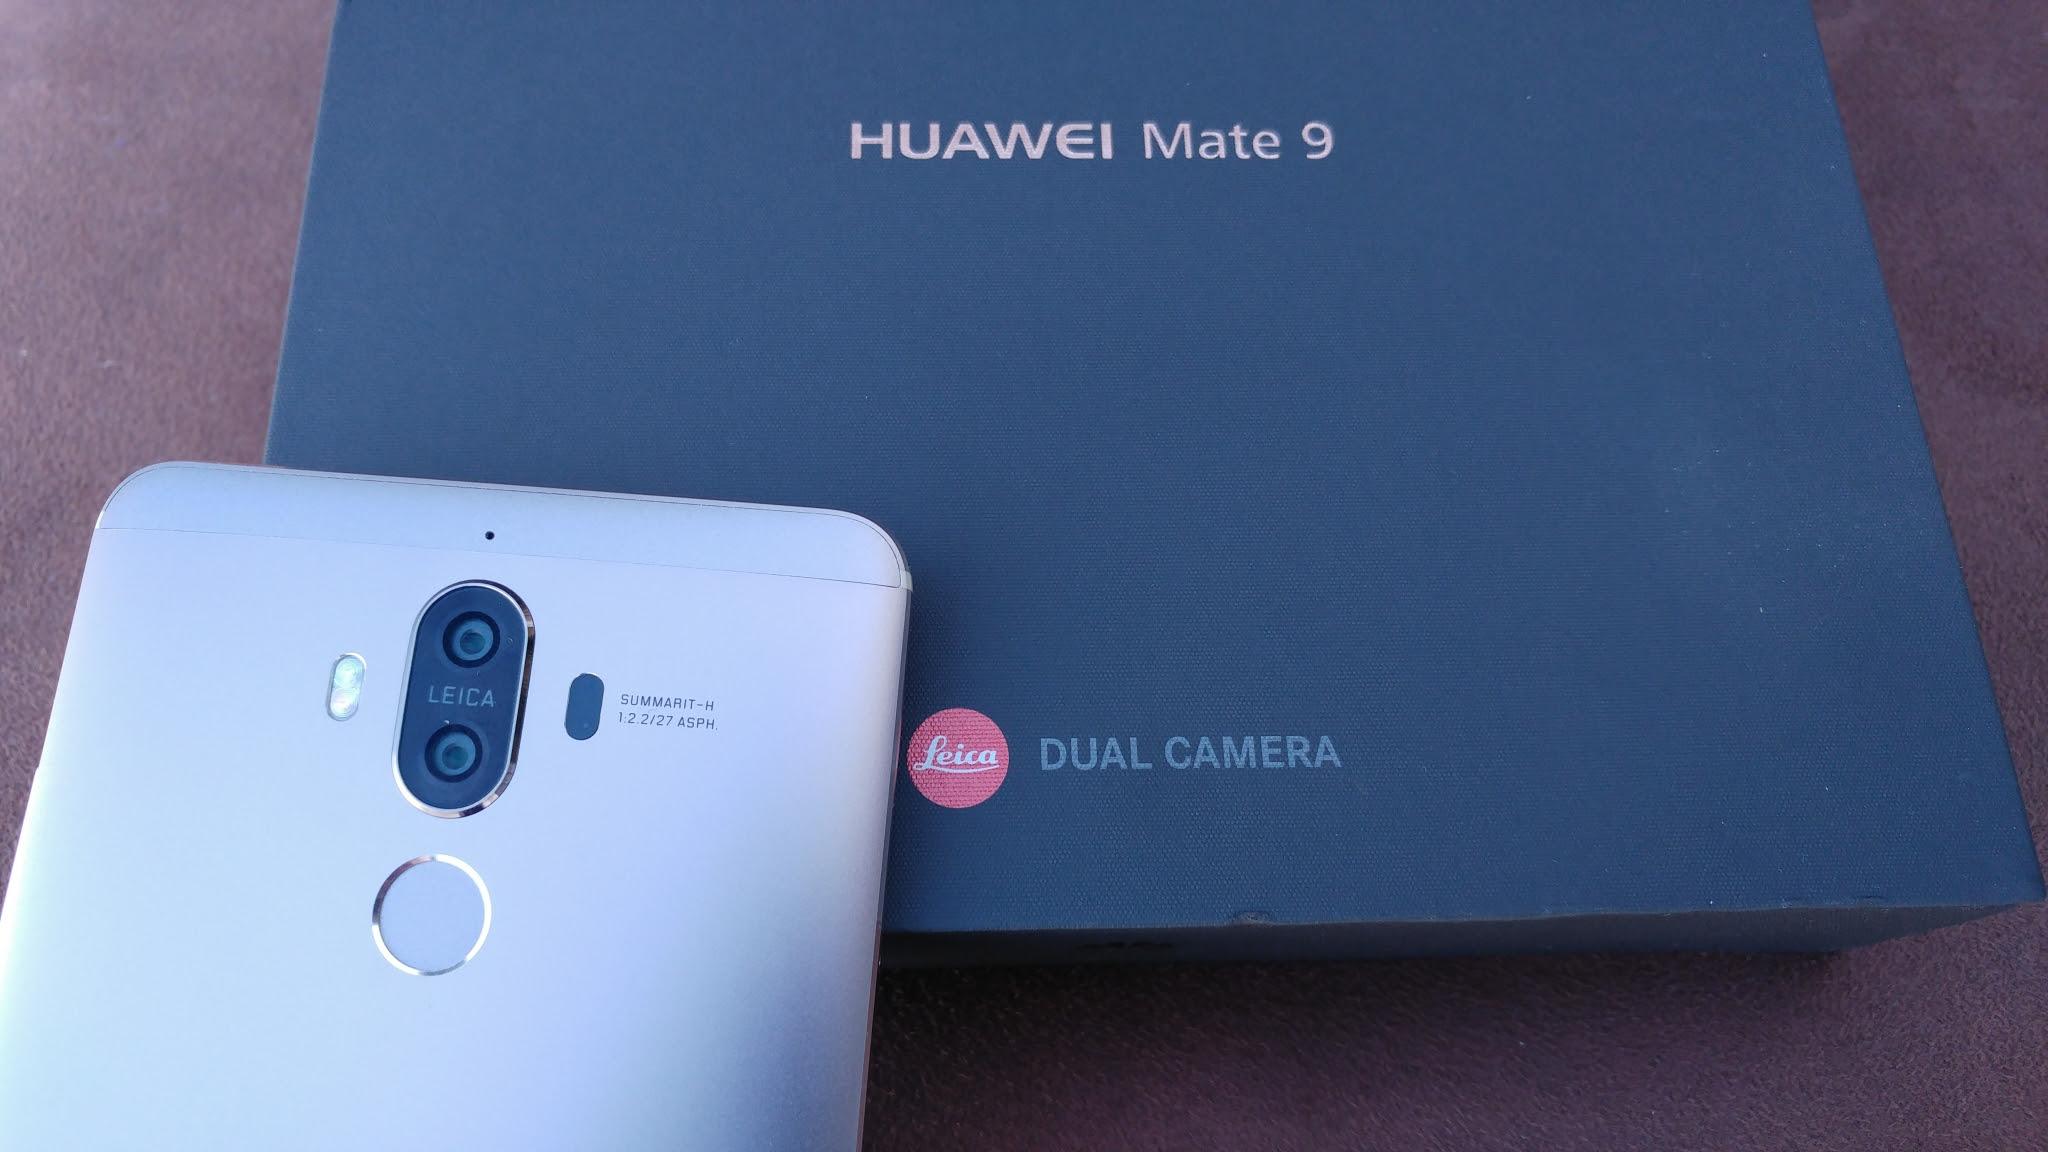 تقييم هاتف هواوي Mate 9 عتاد قوي وأداء قوي